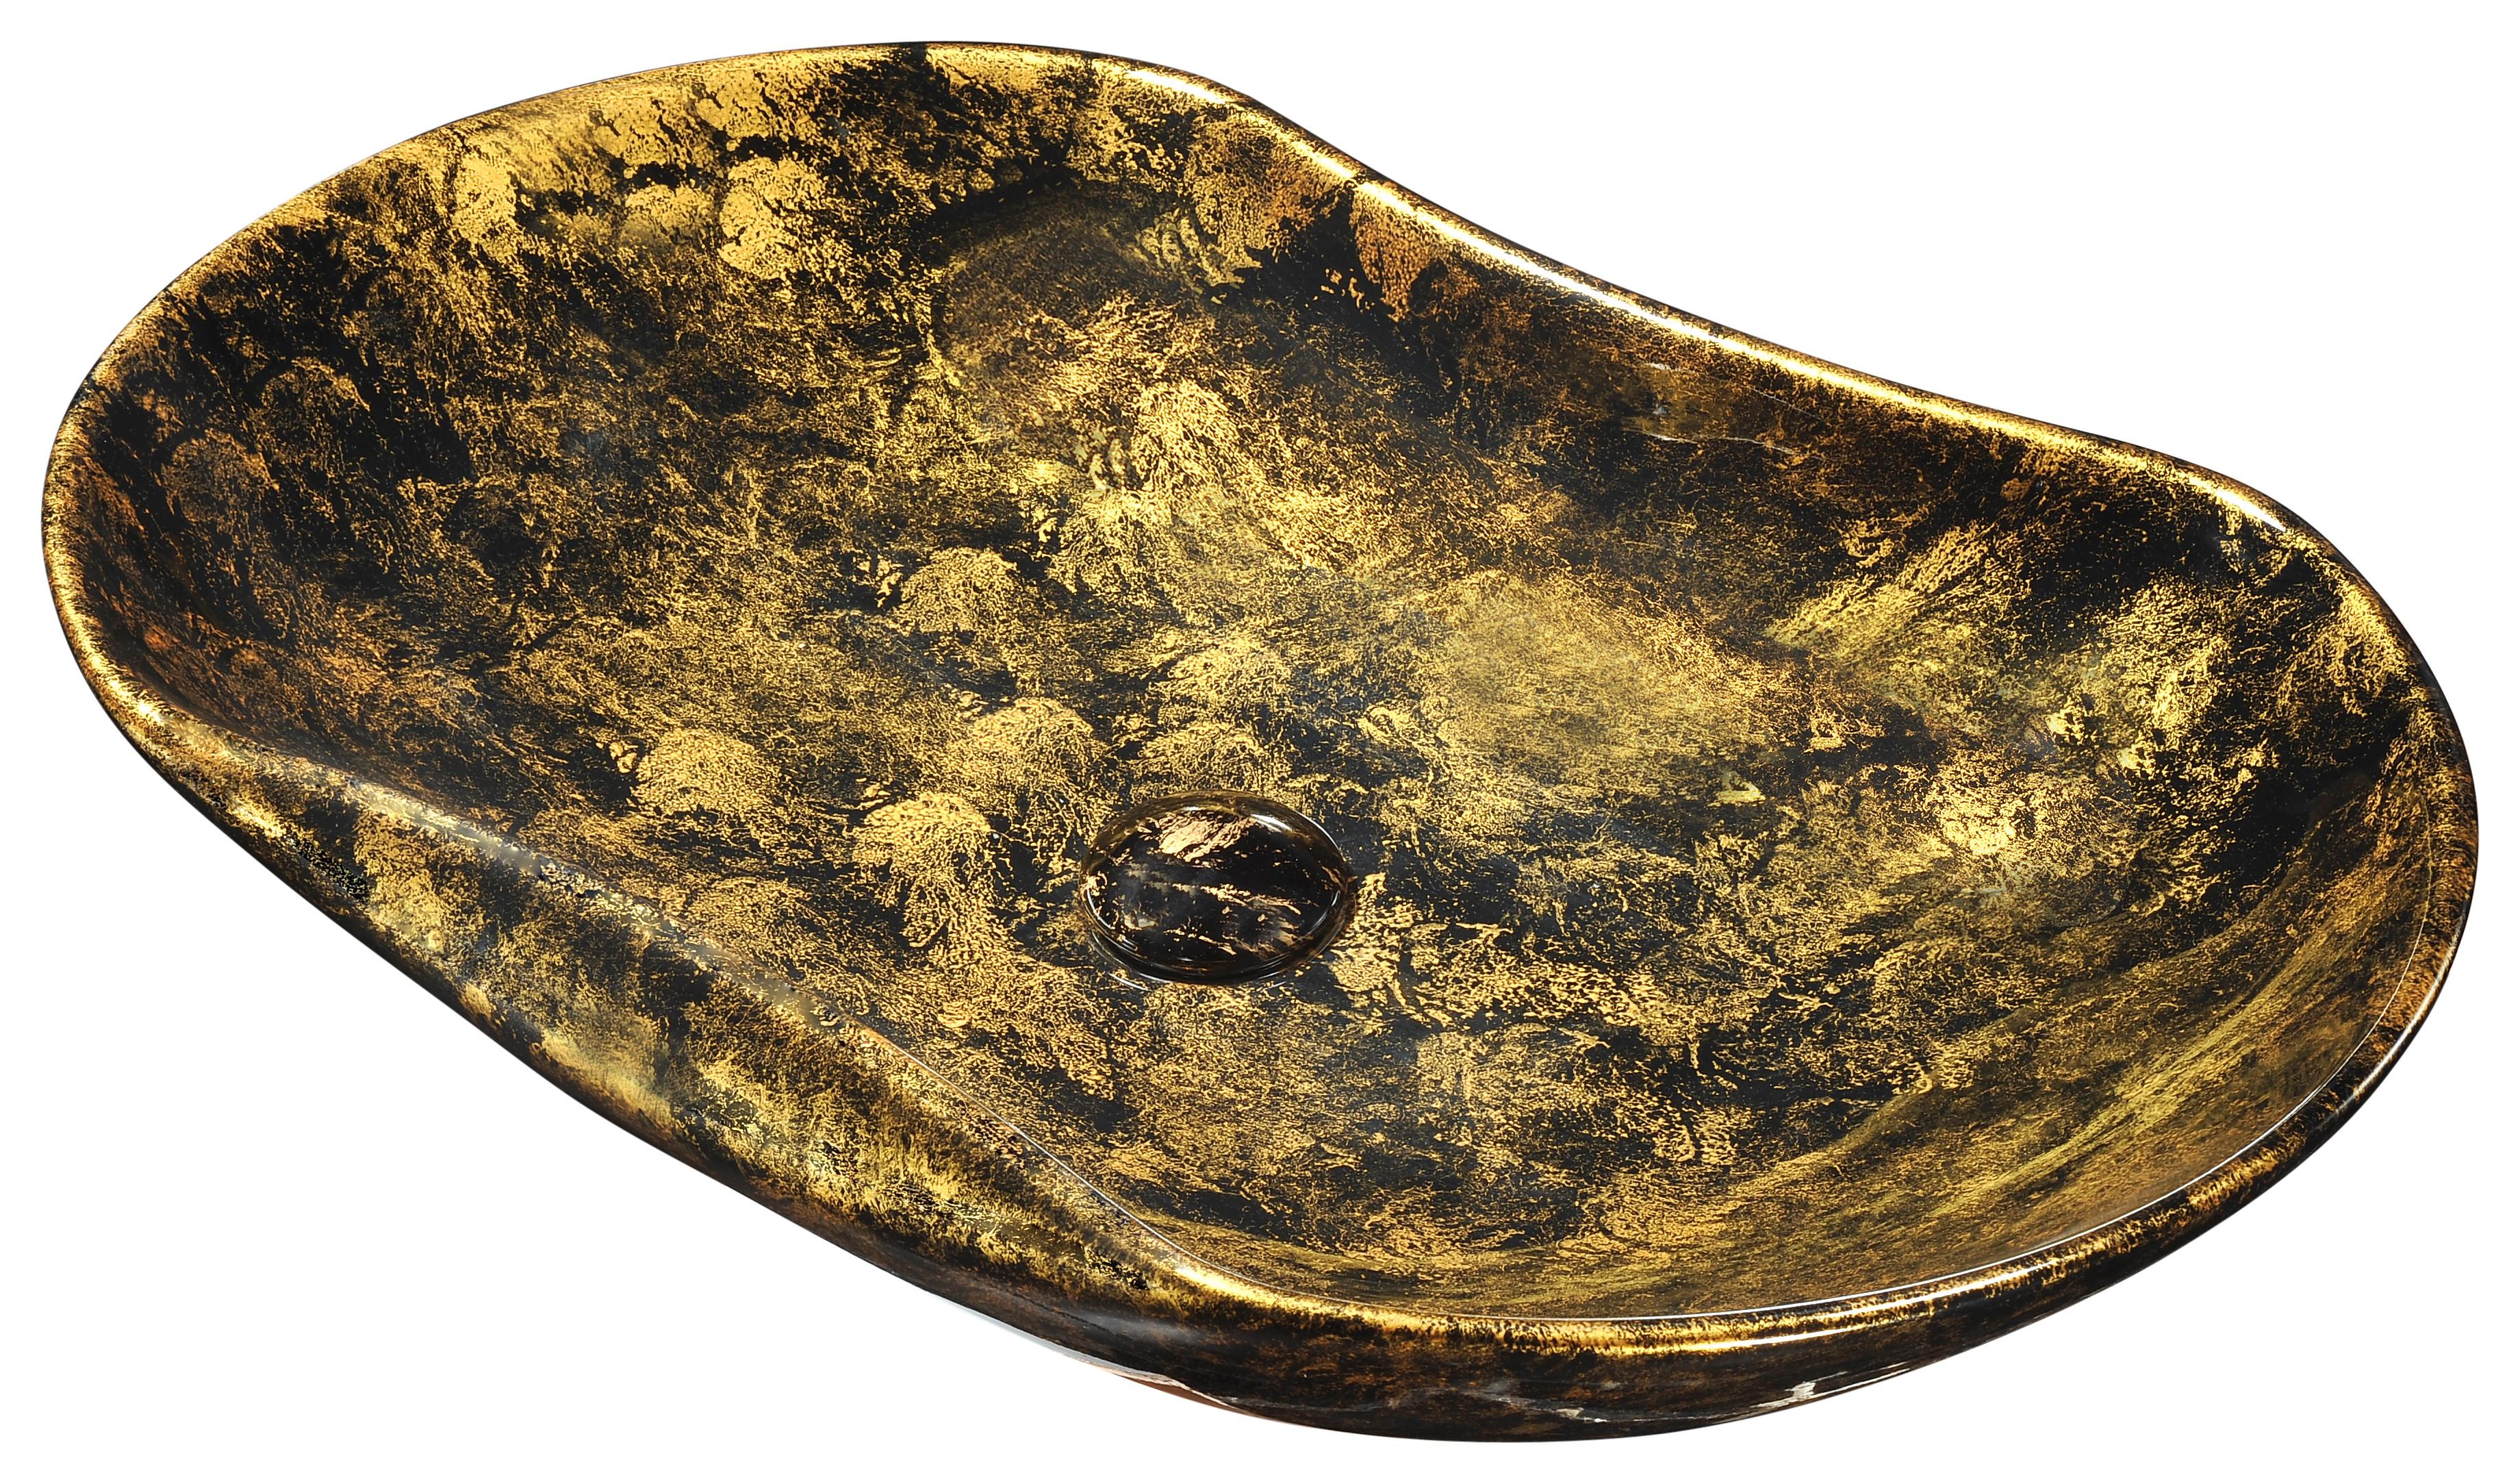 ANZZI LS-AZ239 Apollo Gold Ceramic Vessel Sink In Apollo Gold Finish